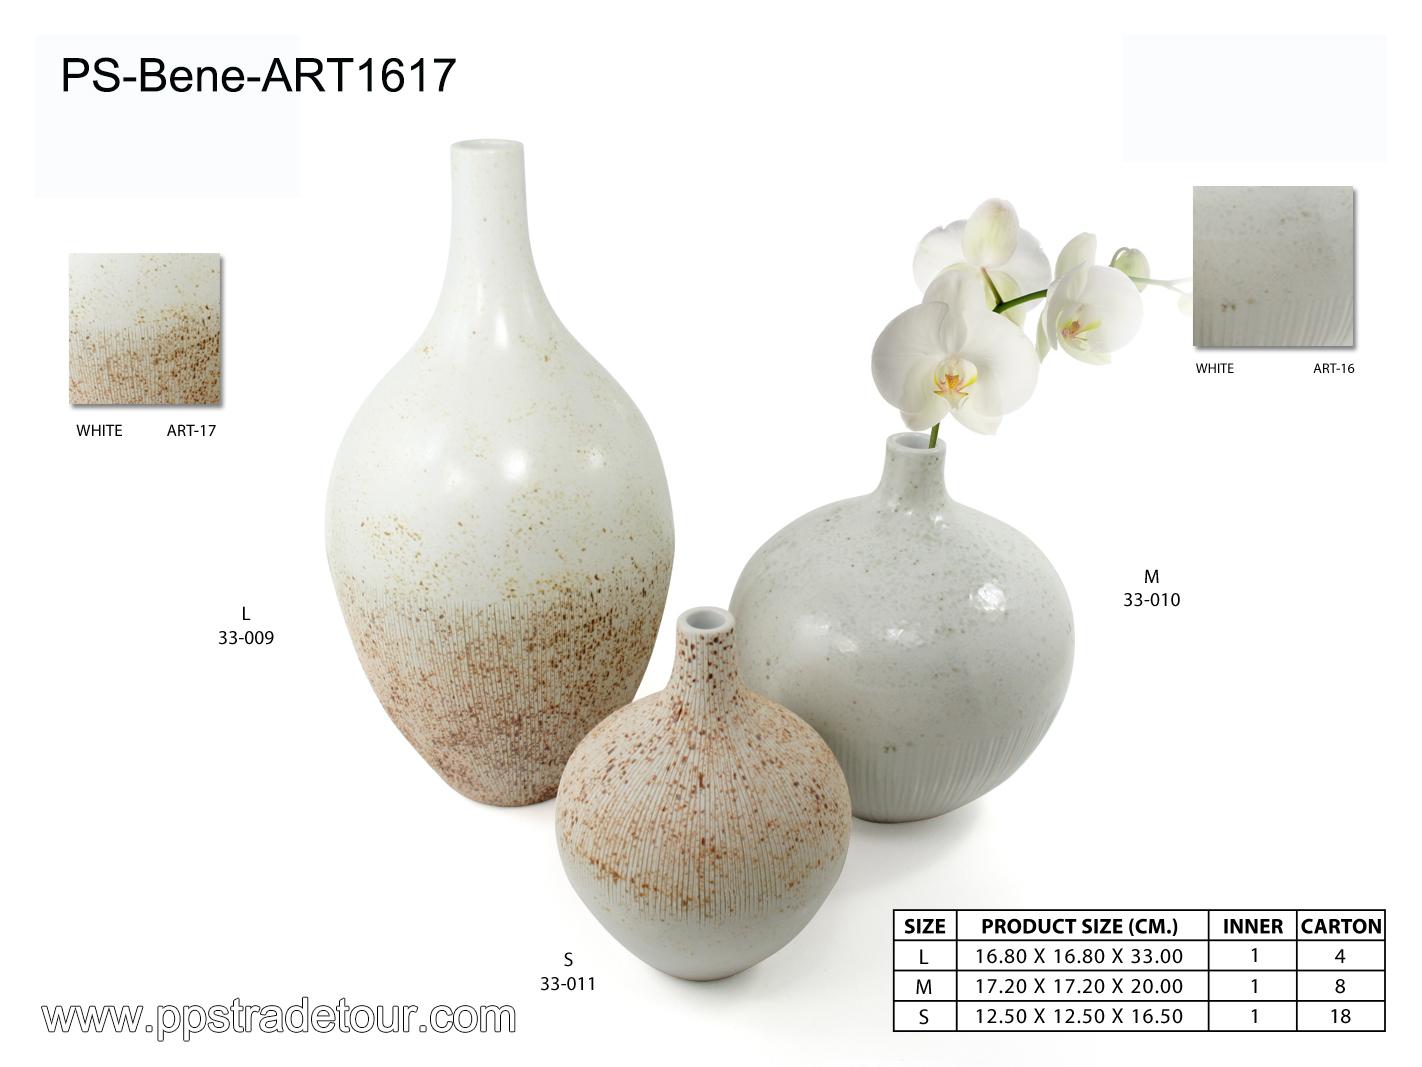 PSCV-Bene-ART1617